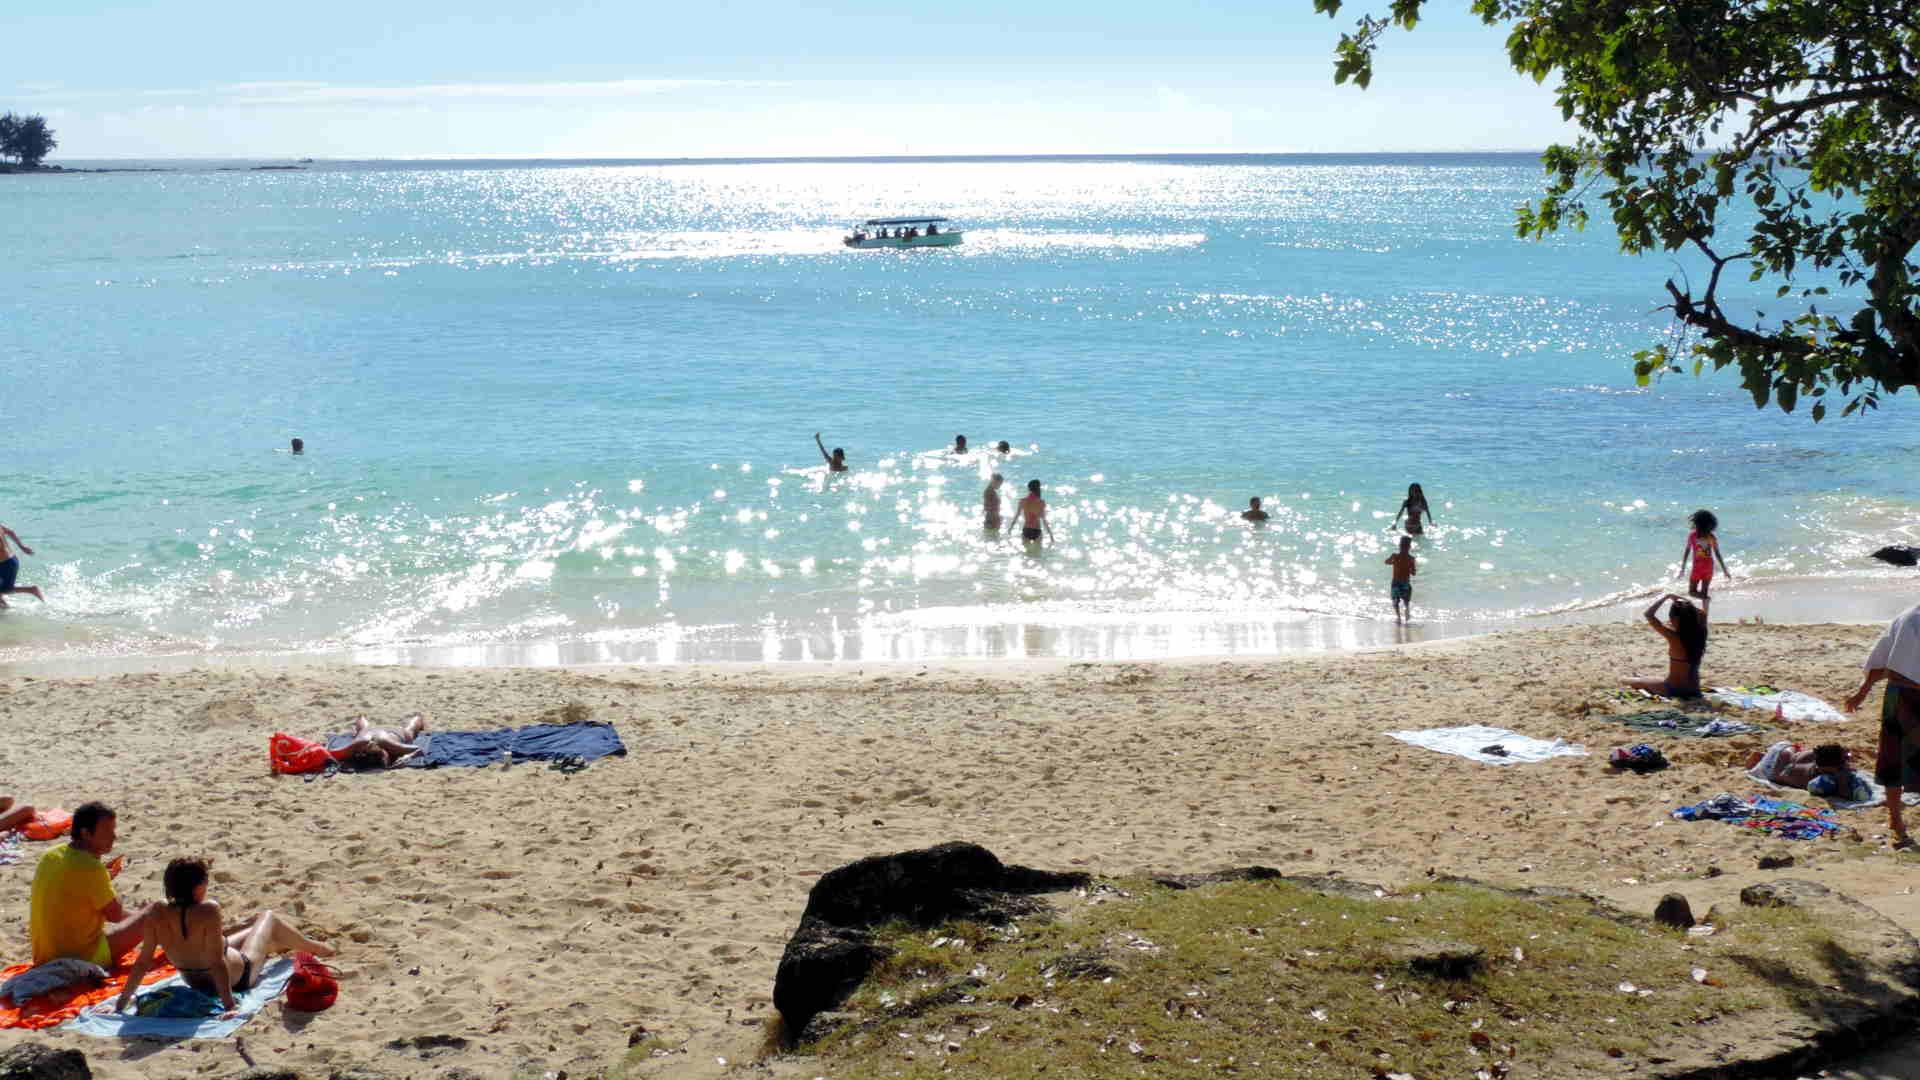 Strand La Cuvette in Grand Baie, Mauritius